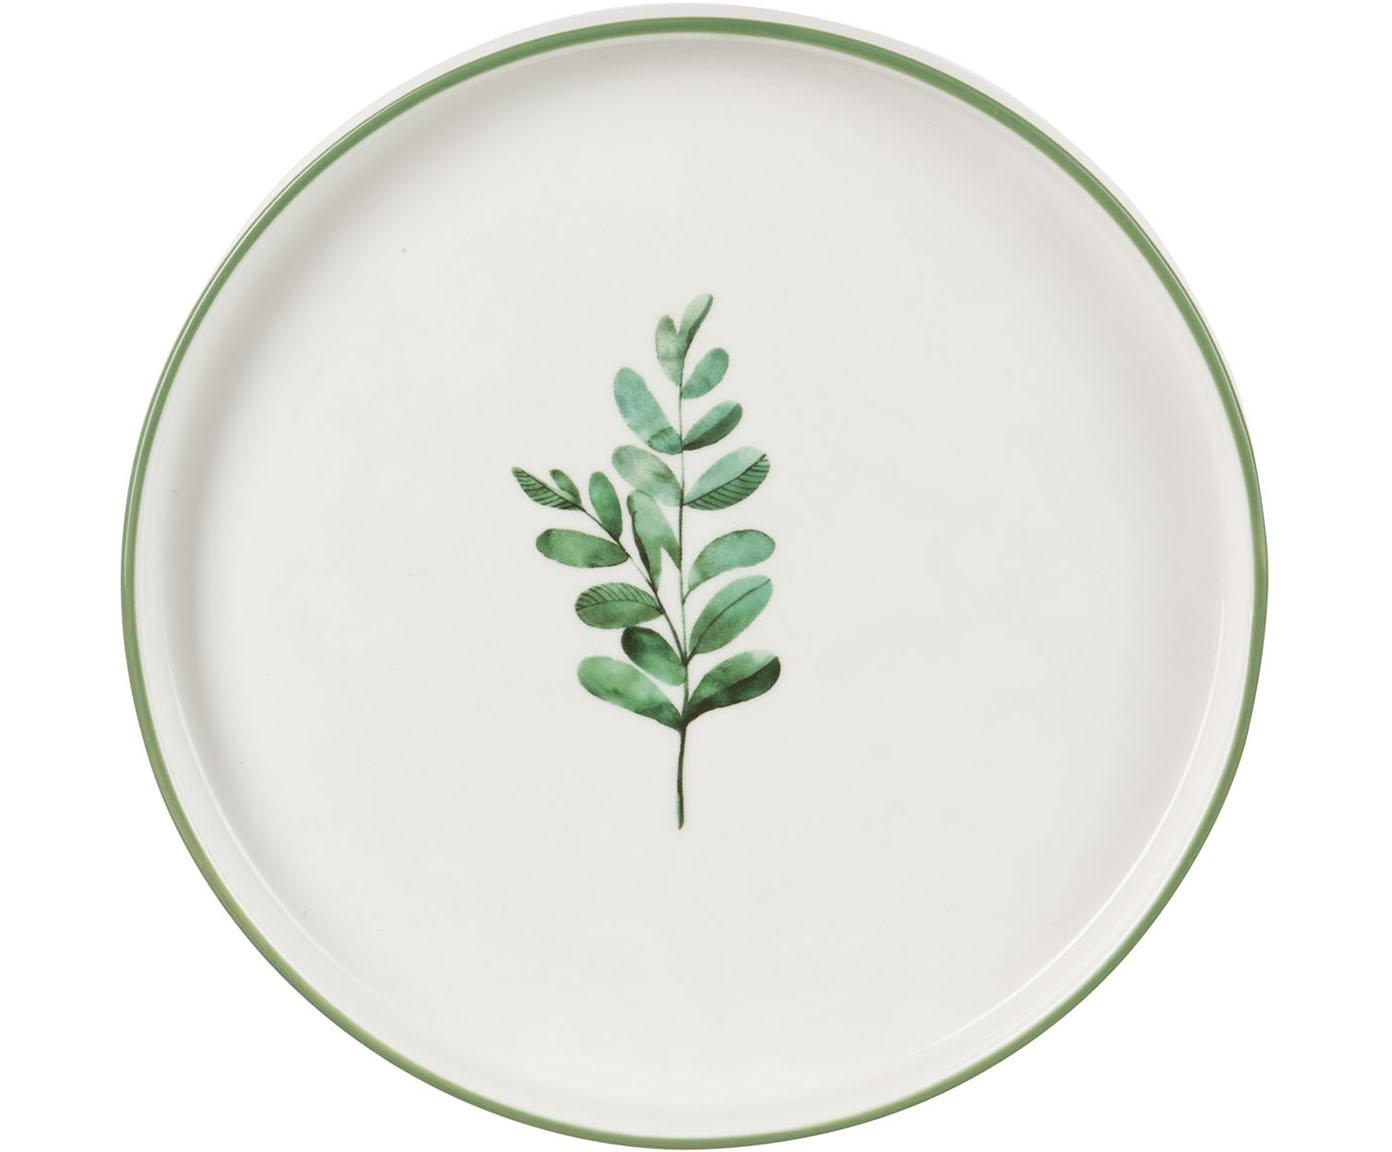 Piatto da colazione Eukalyptus 4 pz, Porcellana, Bianco, verde, Ø 24 cm